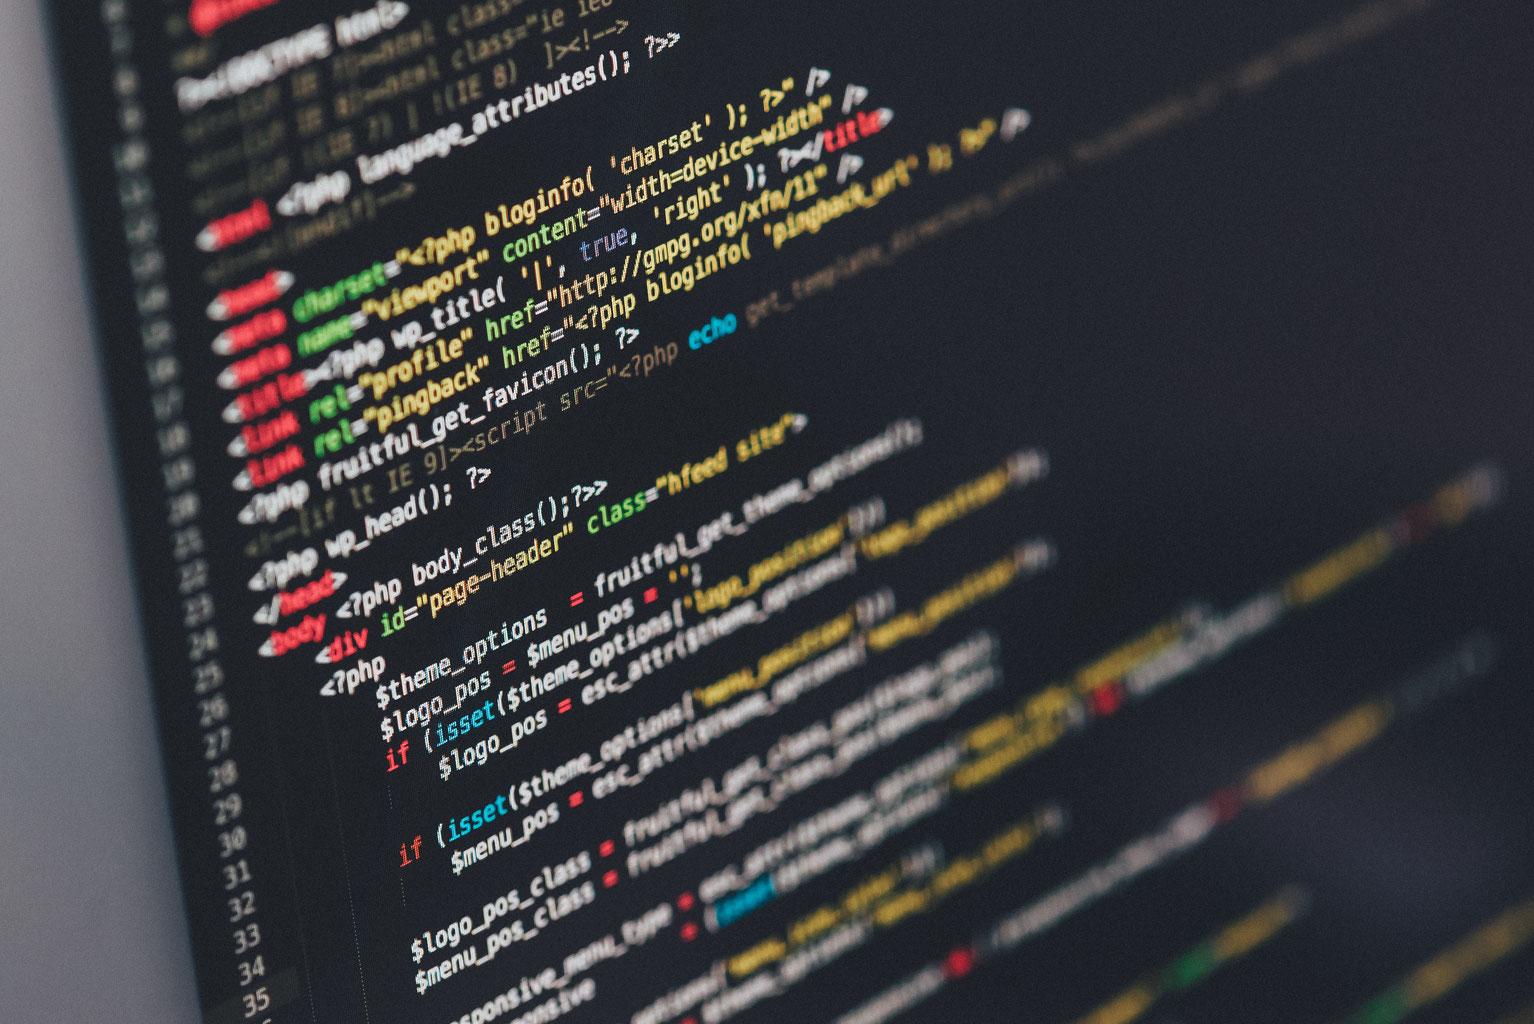 Cabinet de recrutement web paris ile de france elios - Cabinet de recrutement commerciaux ...